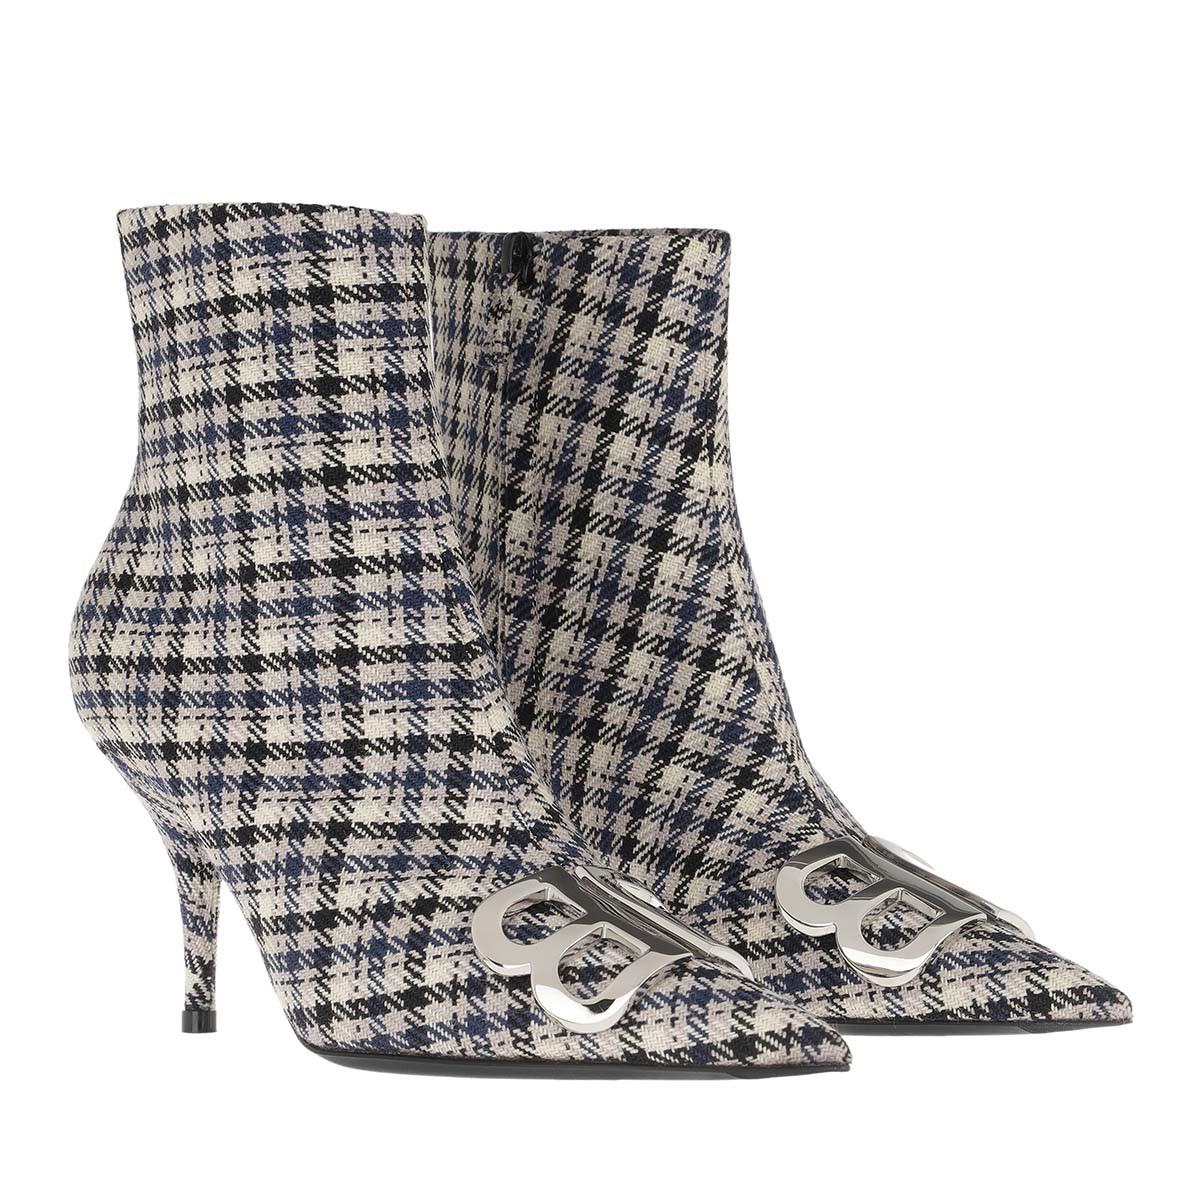 Balenciaga Boots - Heeled Ankle Boots Beige/Navy/Silver - in beige - für Damen